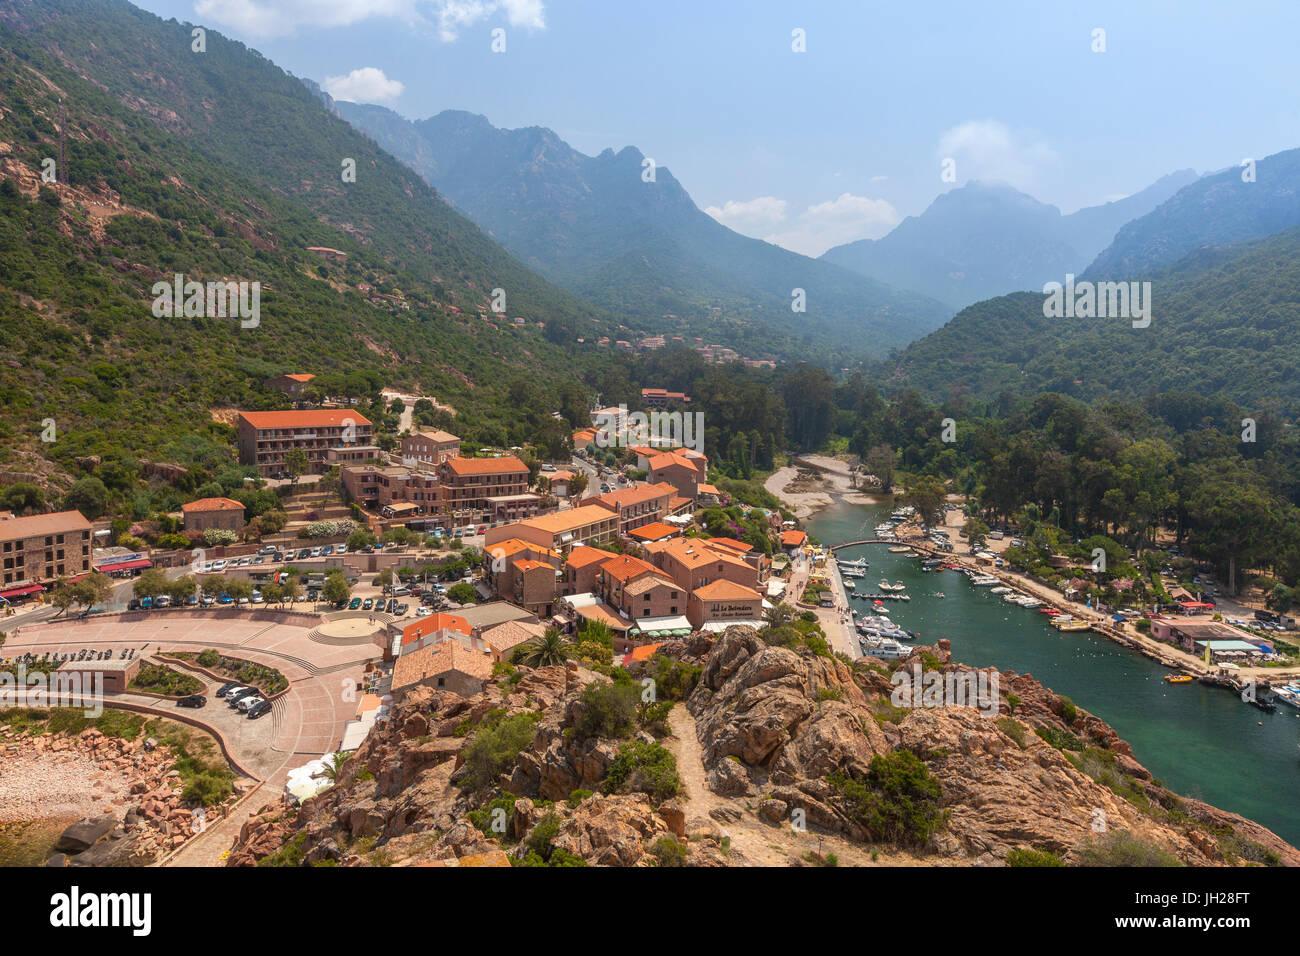 Le village typique et port de Porto immergé dans le vert de la promontoire, Corse du Sud, France Photo Stock